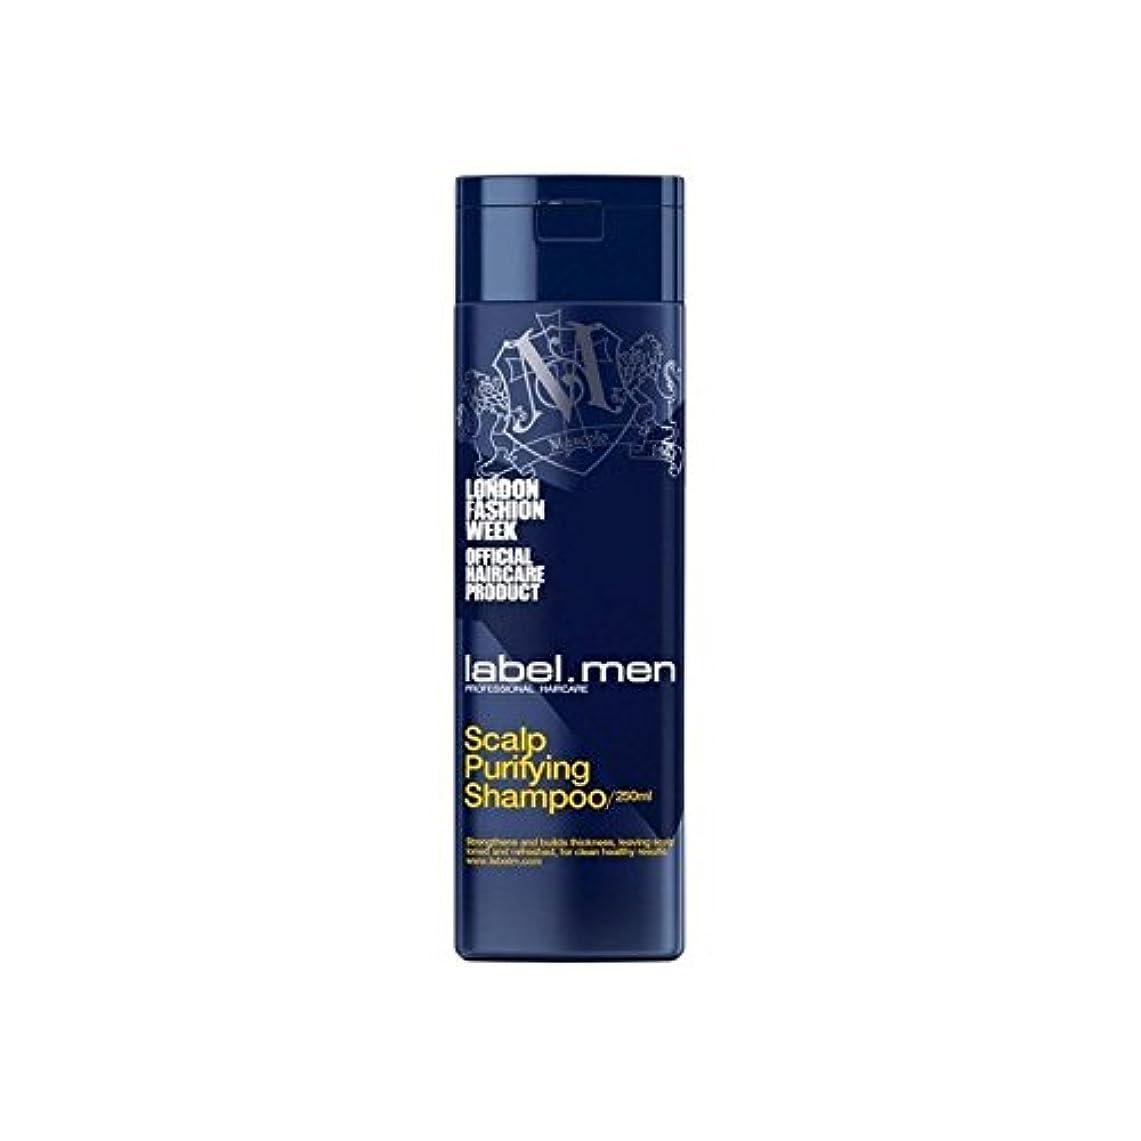 一般的な天皇安いですLabel.Men Scalp Purifying Shampoo (250ml) - .頭皮浄化シャンプー(250ミリリットル) [並行輸入品]